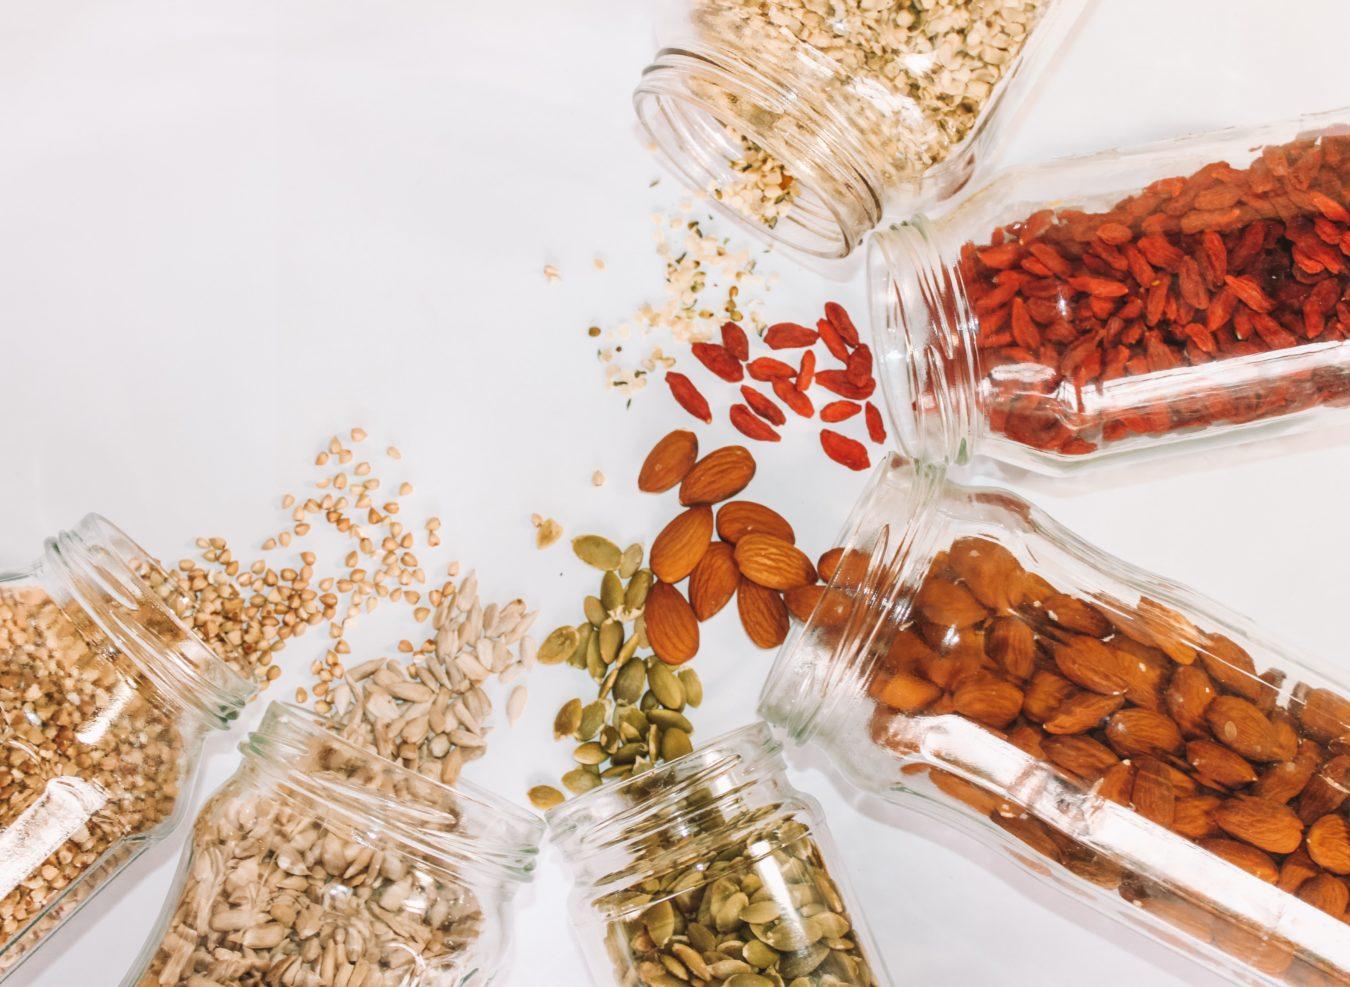 Seeds in jars